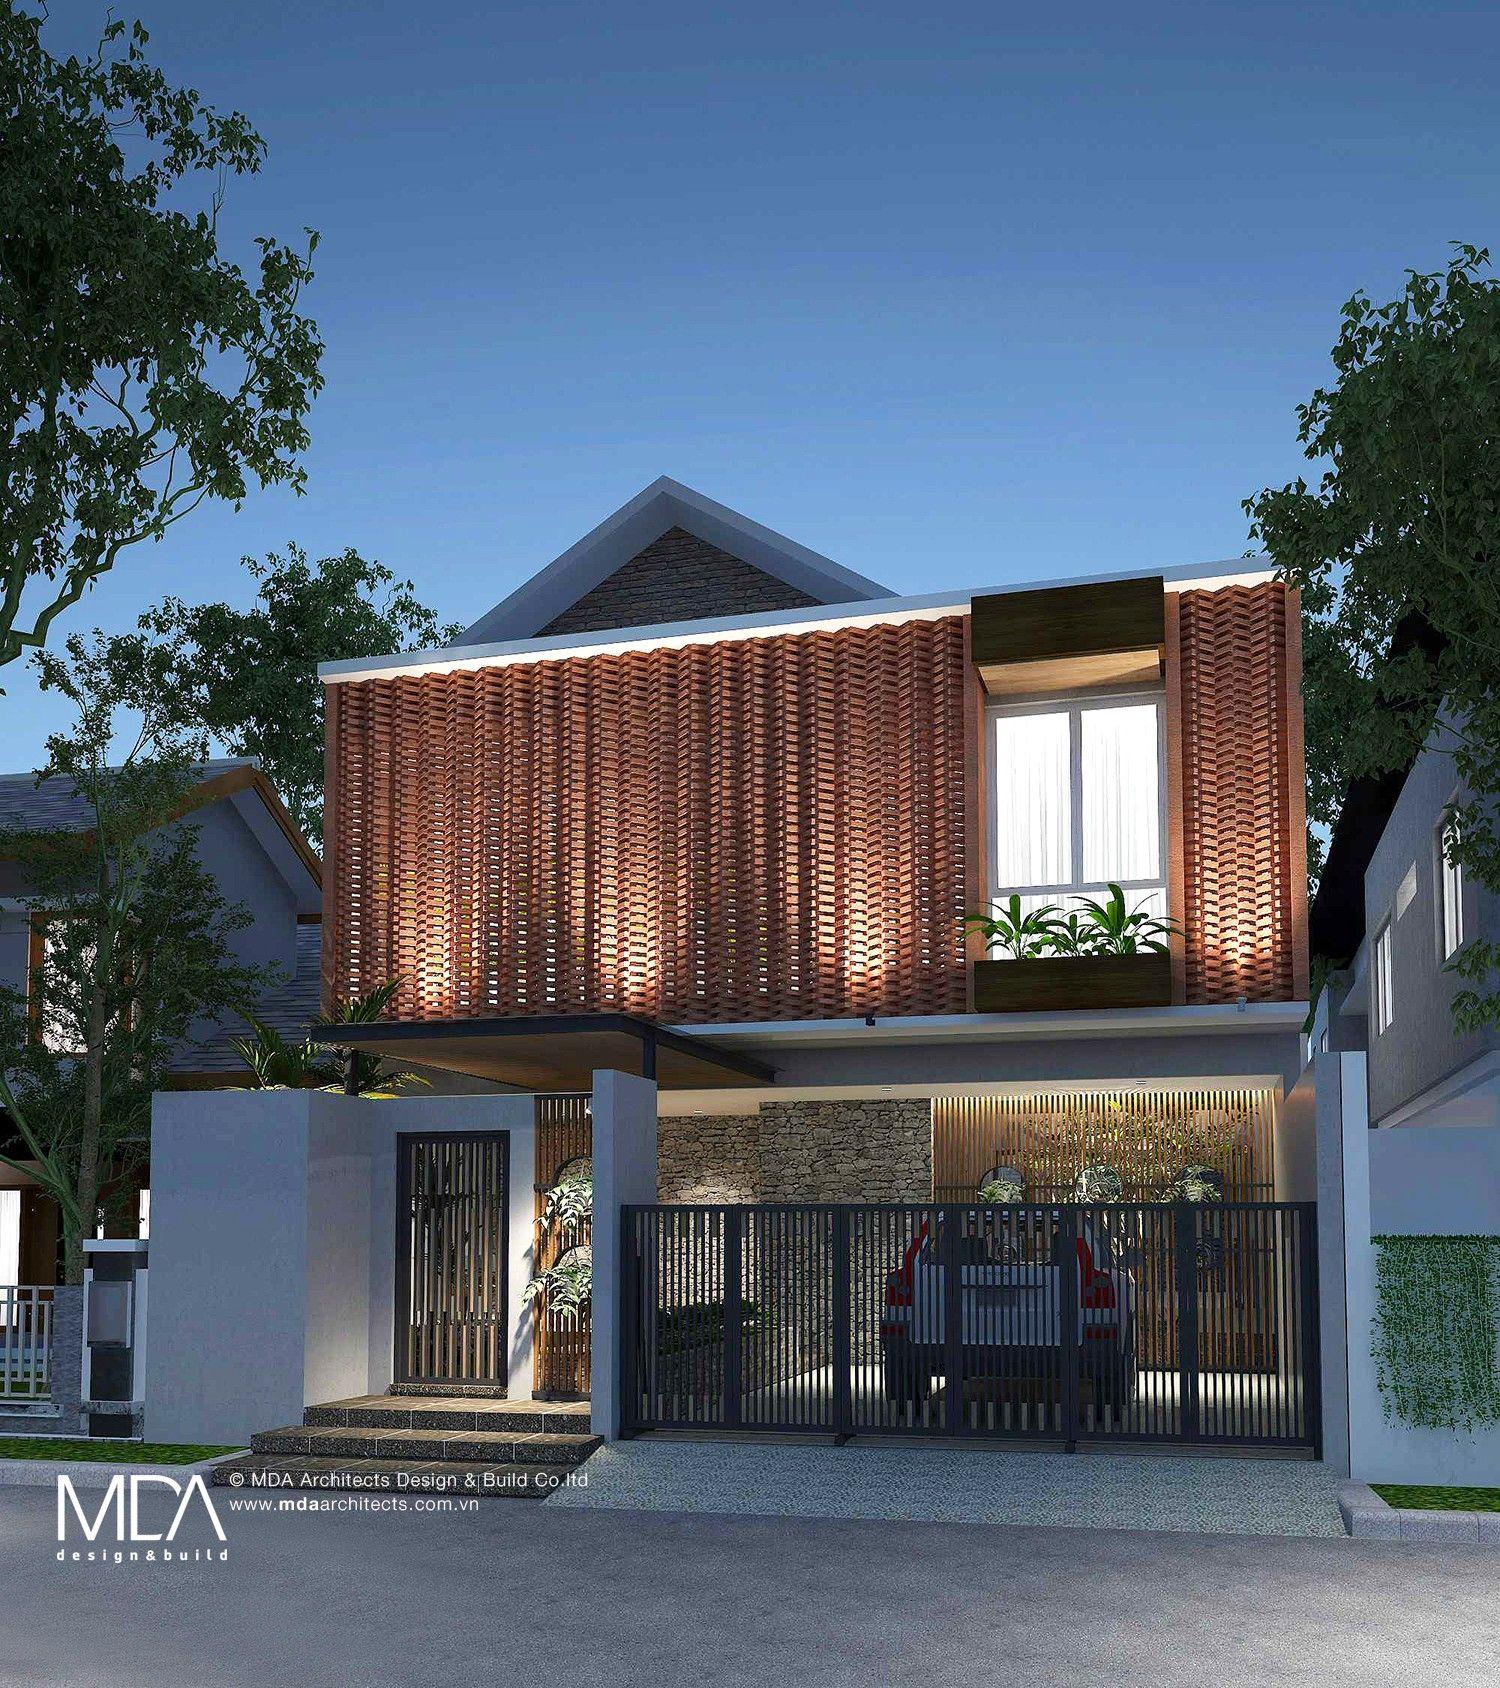 Thông tin dự án k house tổng diện tích 320m2 địa điểm quận 2 tp hcm